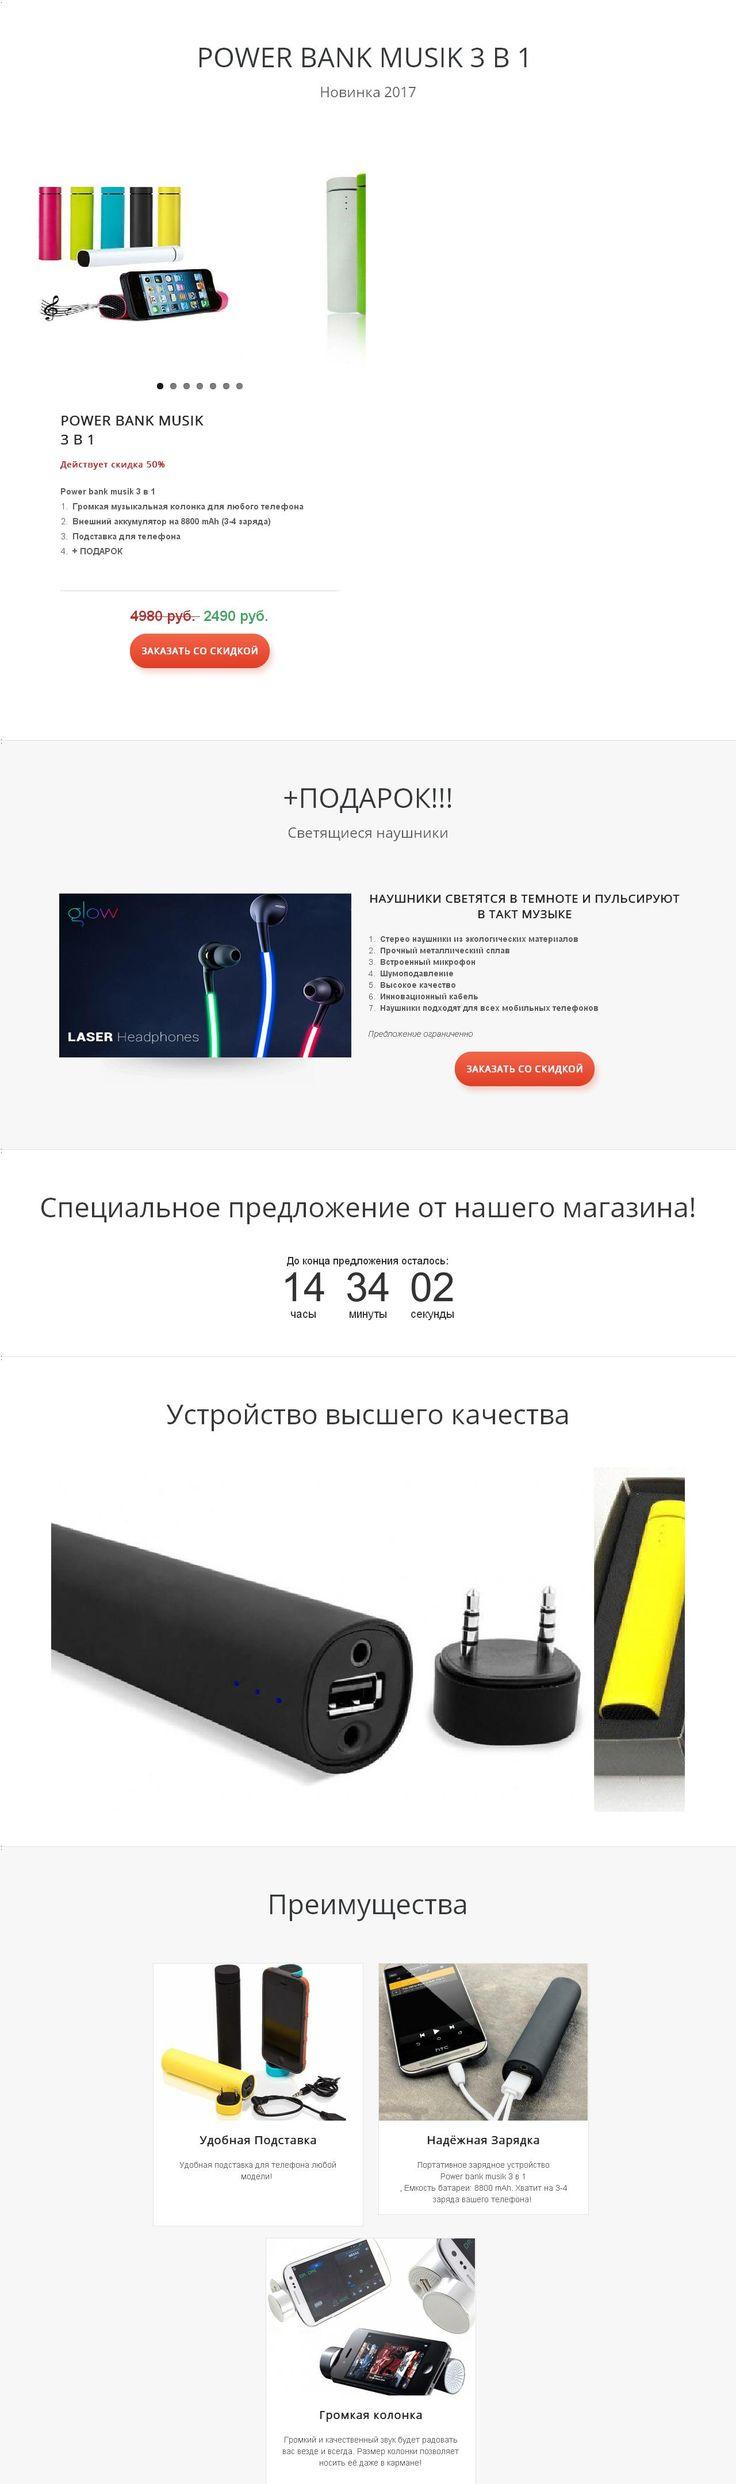 PowerBank Musik 3 в 1 и светящиеся наушники в Лугах